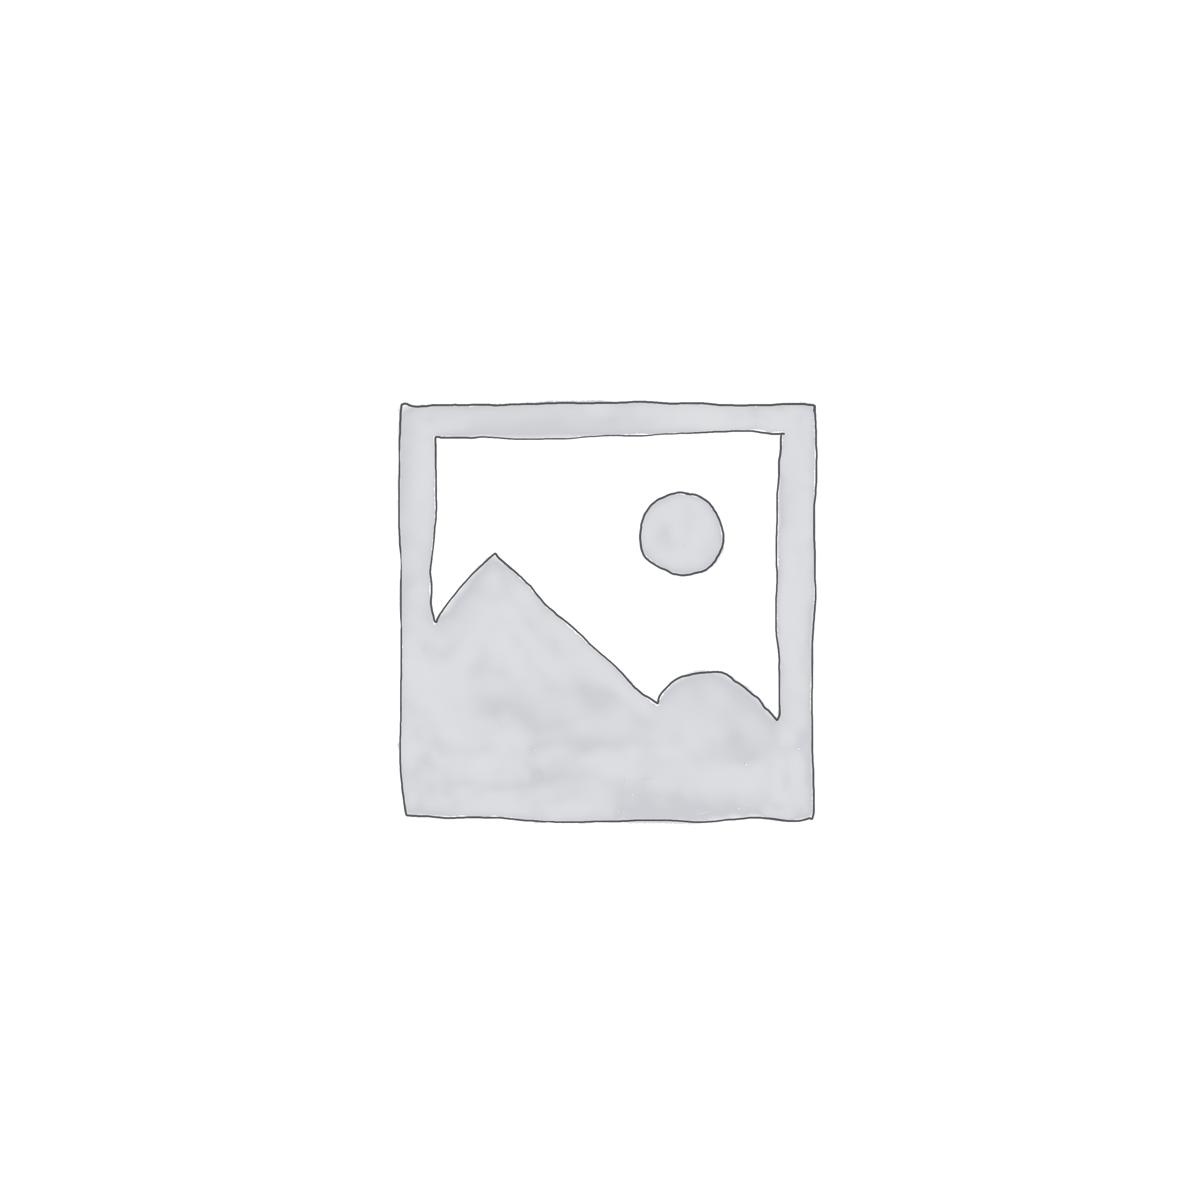 White Tropical Leaves Wallpaper Mural